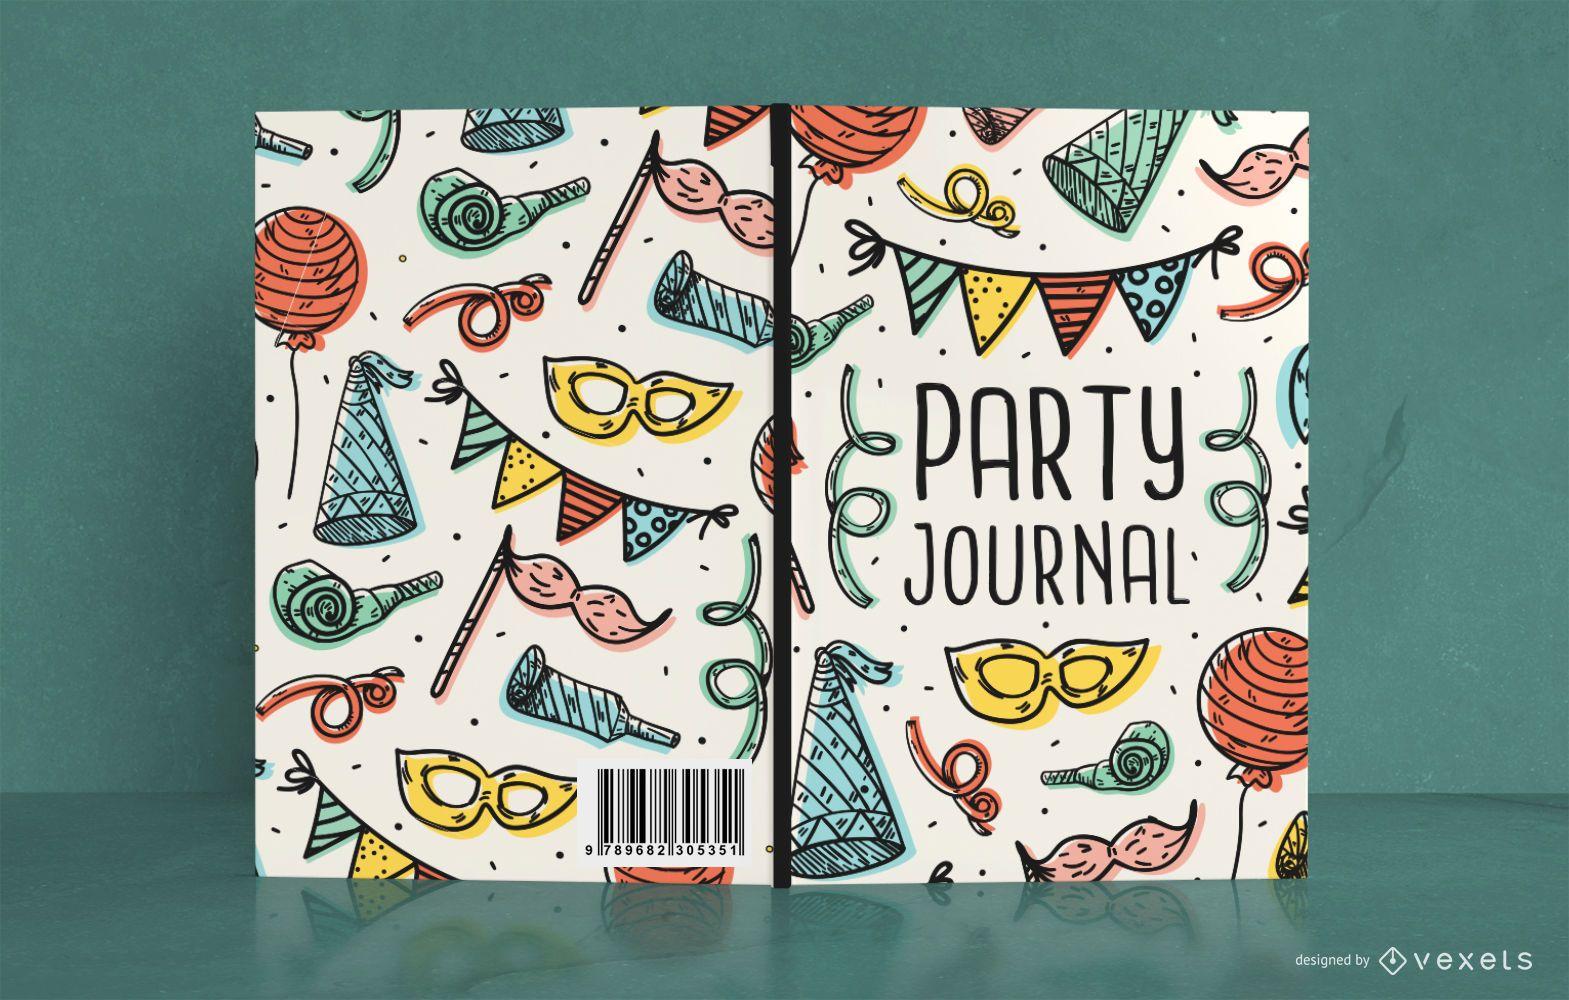 Dise?o de portada de libro Doodle Party